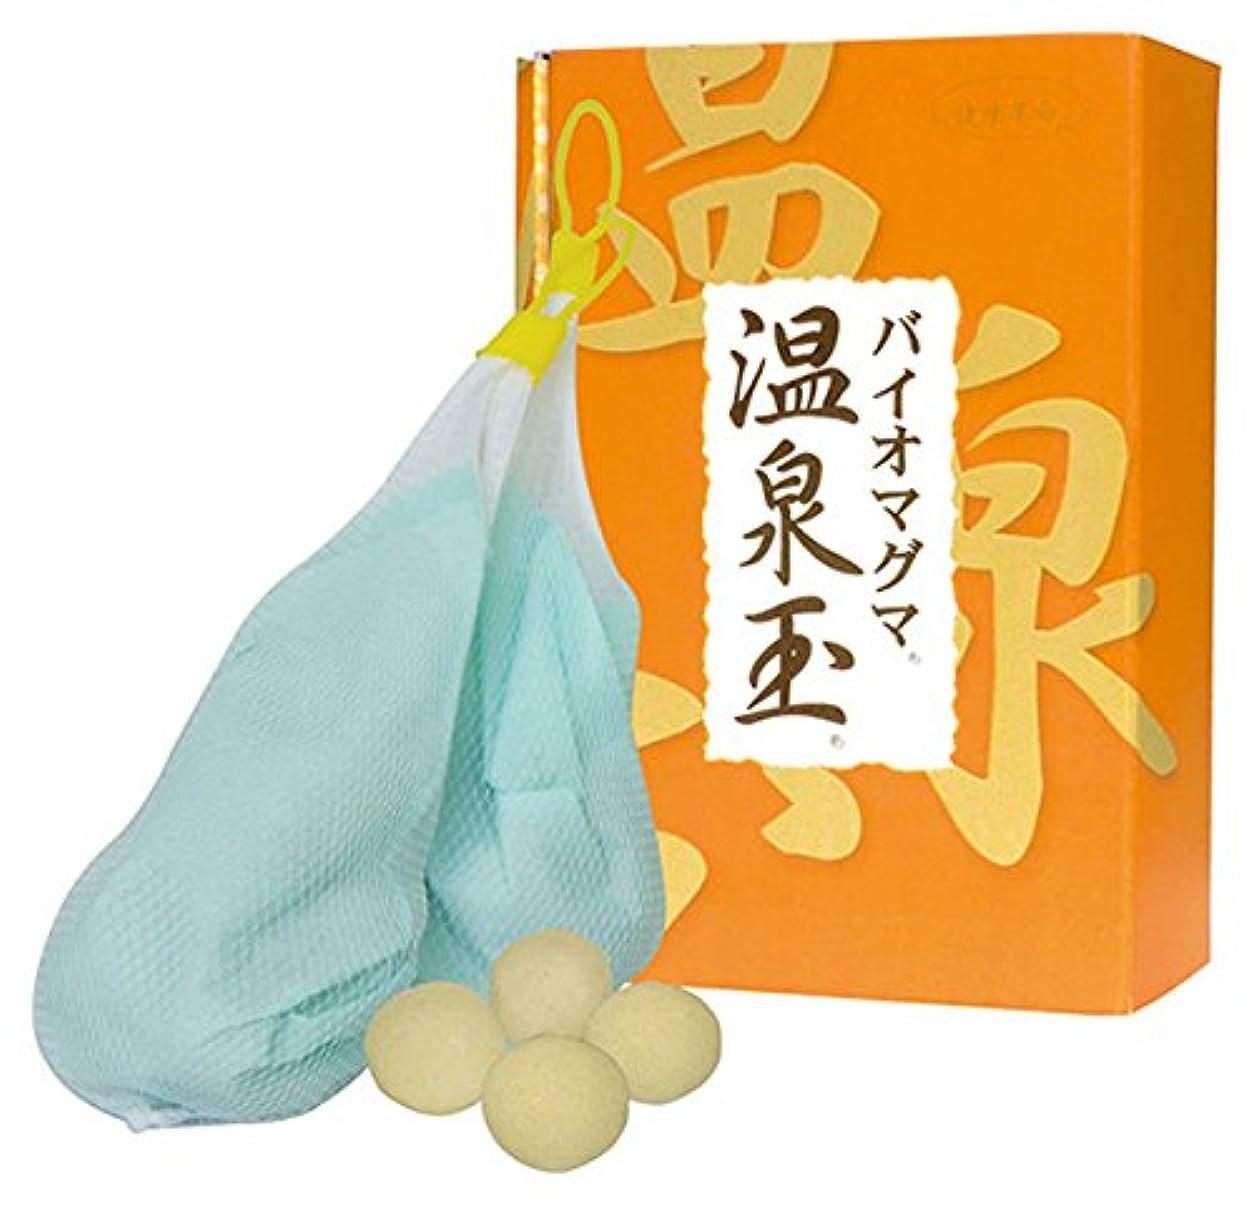 反逆便利開いたゴールド興産 バイオマグマ温泉玉(10玉×2袋) 000536